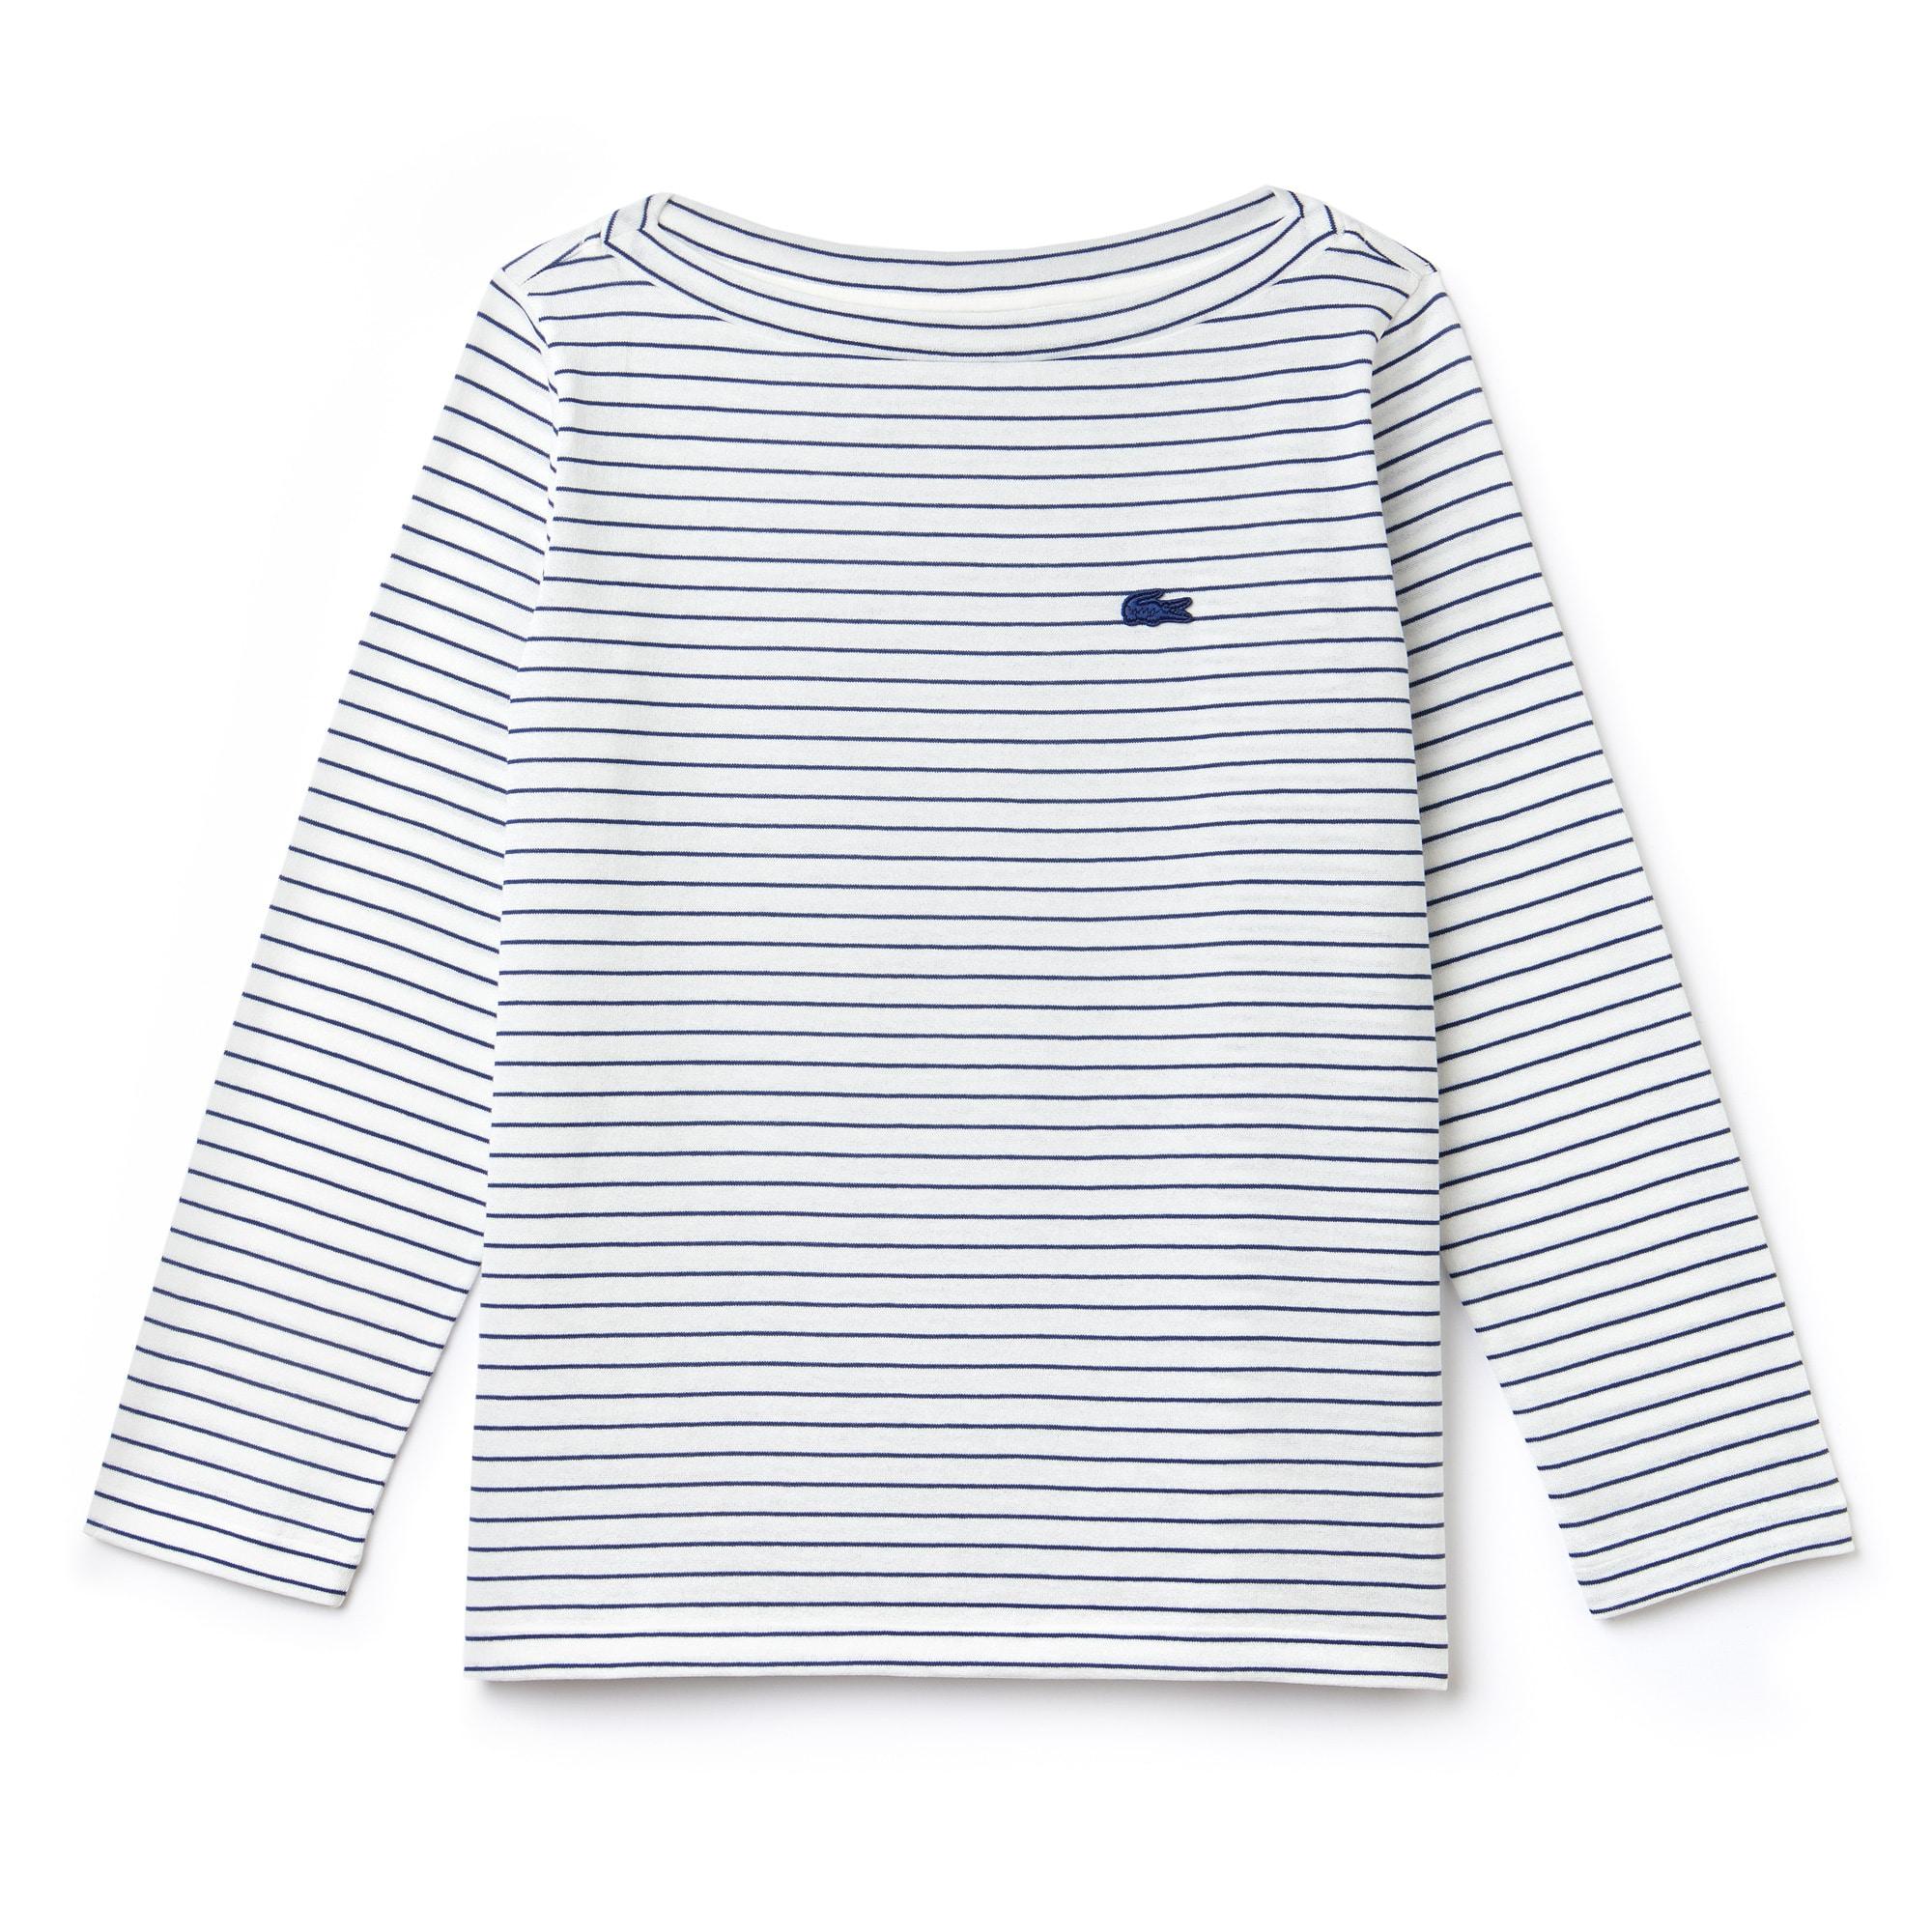 女士船形领条纹棉质平纹针织面料海军衬衫